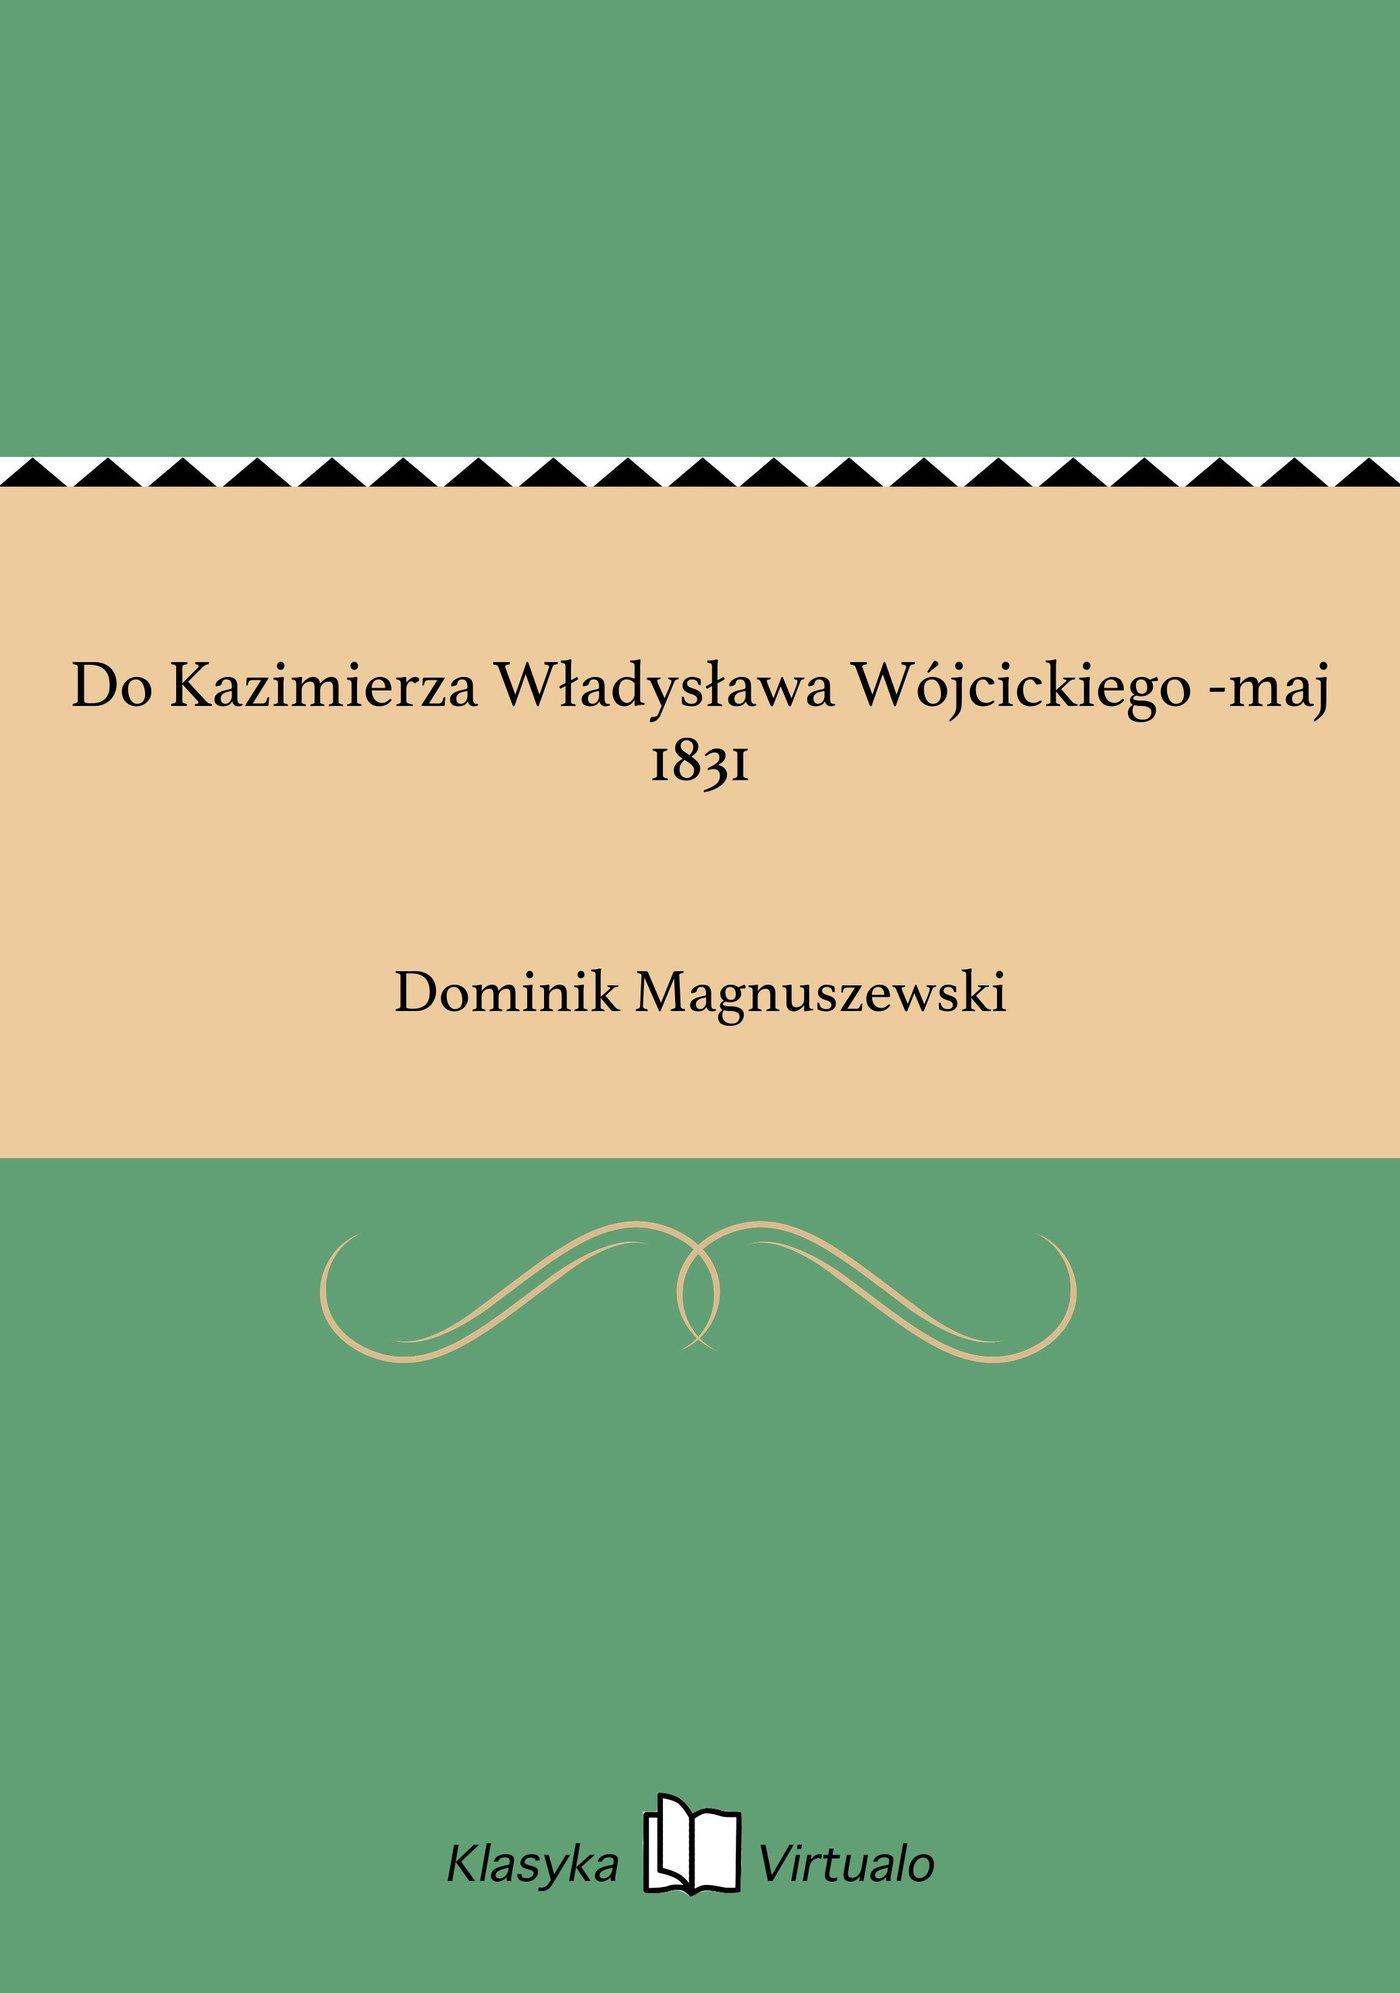 Do Kazimierza Władysława Wójcickiego -maj 1831 - Ebook (Książka na Kindle) do pobrania w formacie MOBI